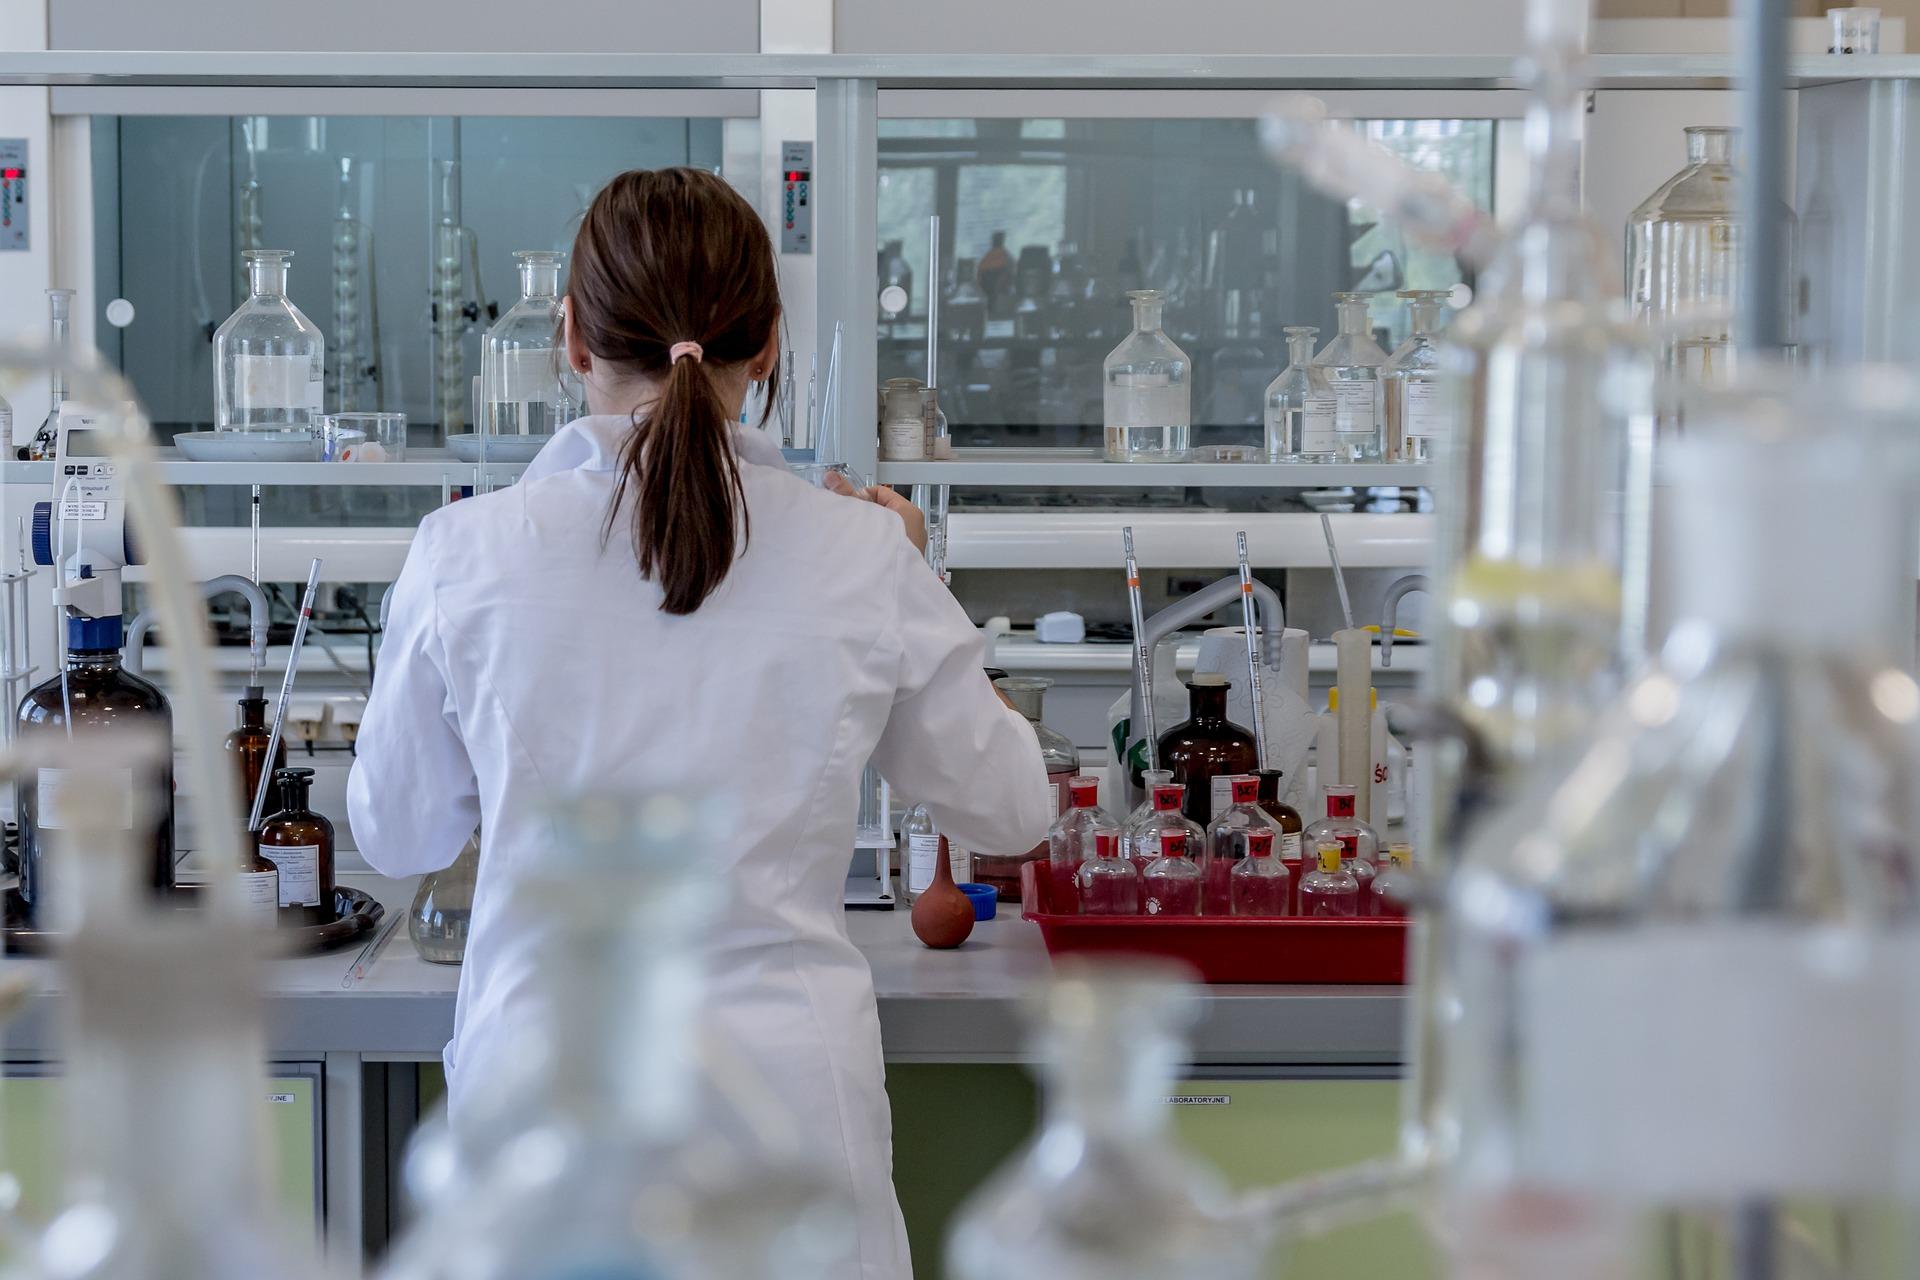 laboratorij za raziskave